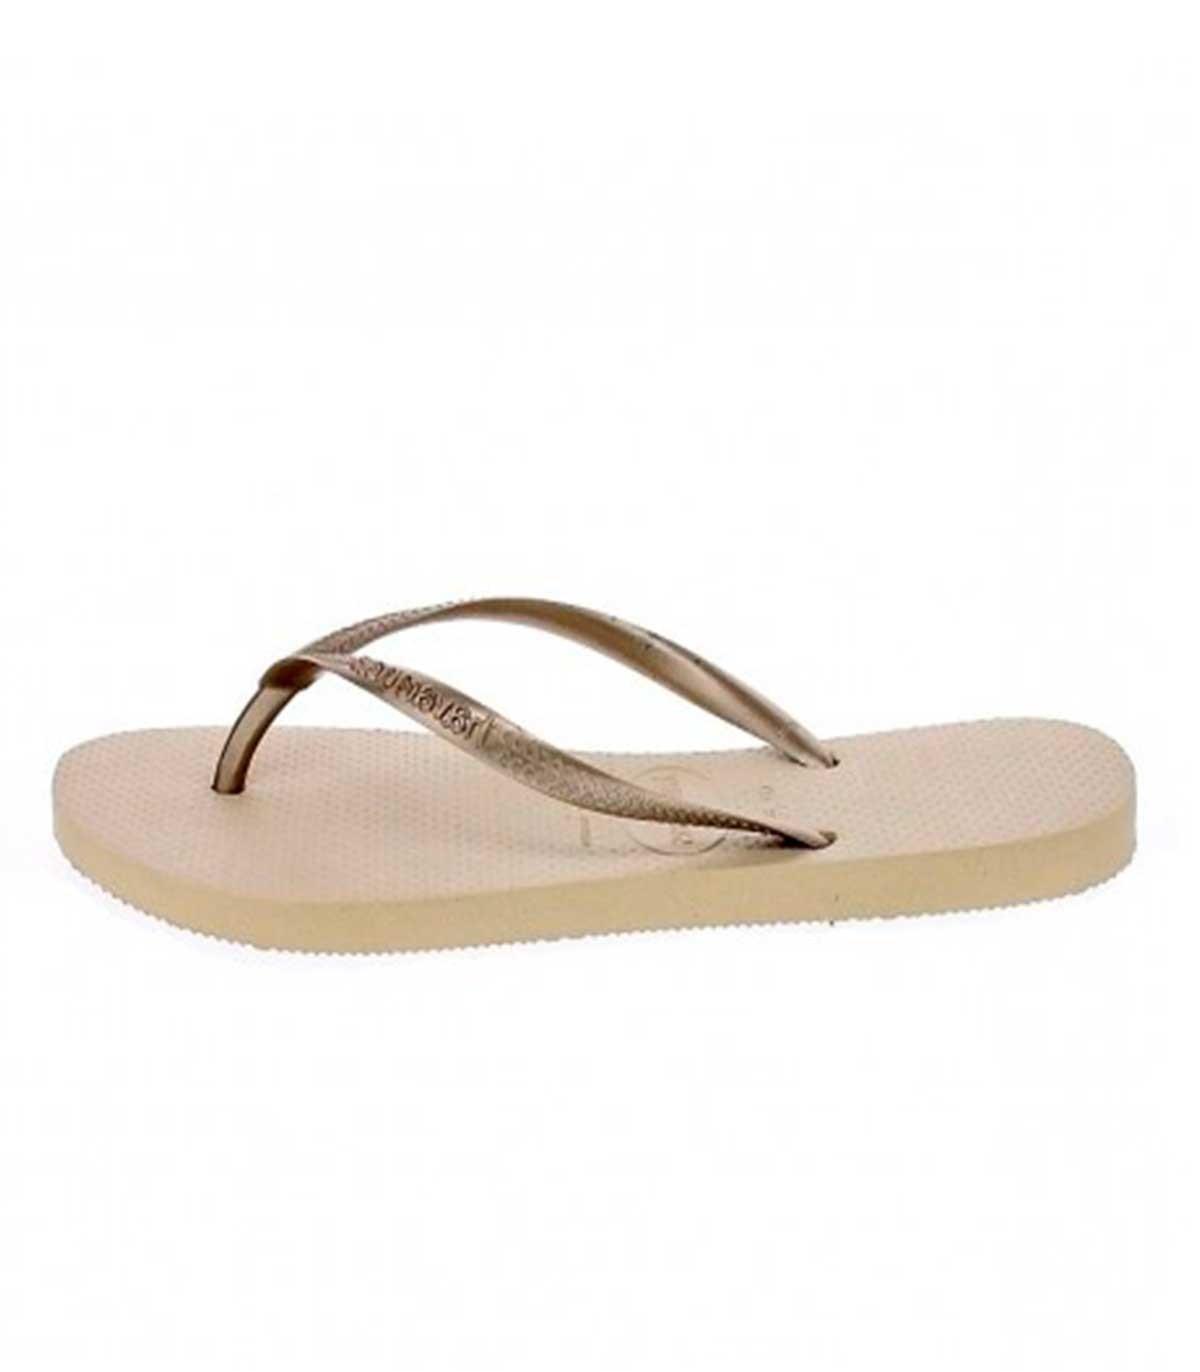 bbfad894e245 Buy Havaianas Slim bronze flip flops